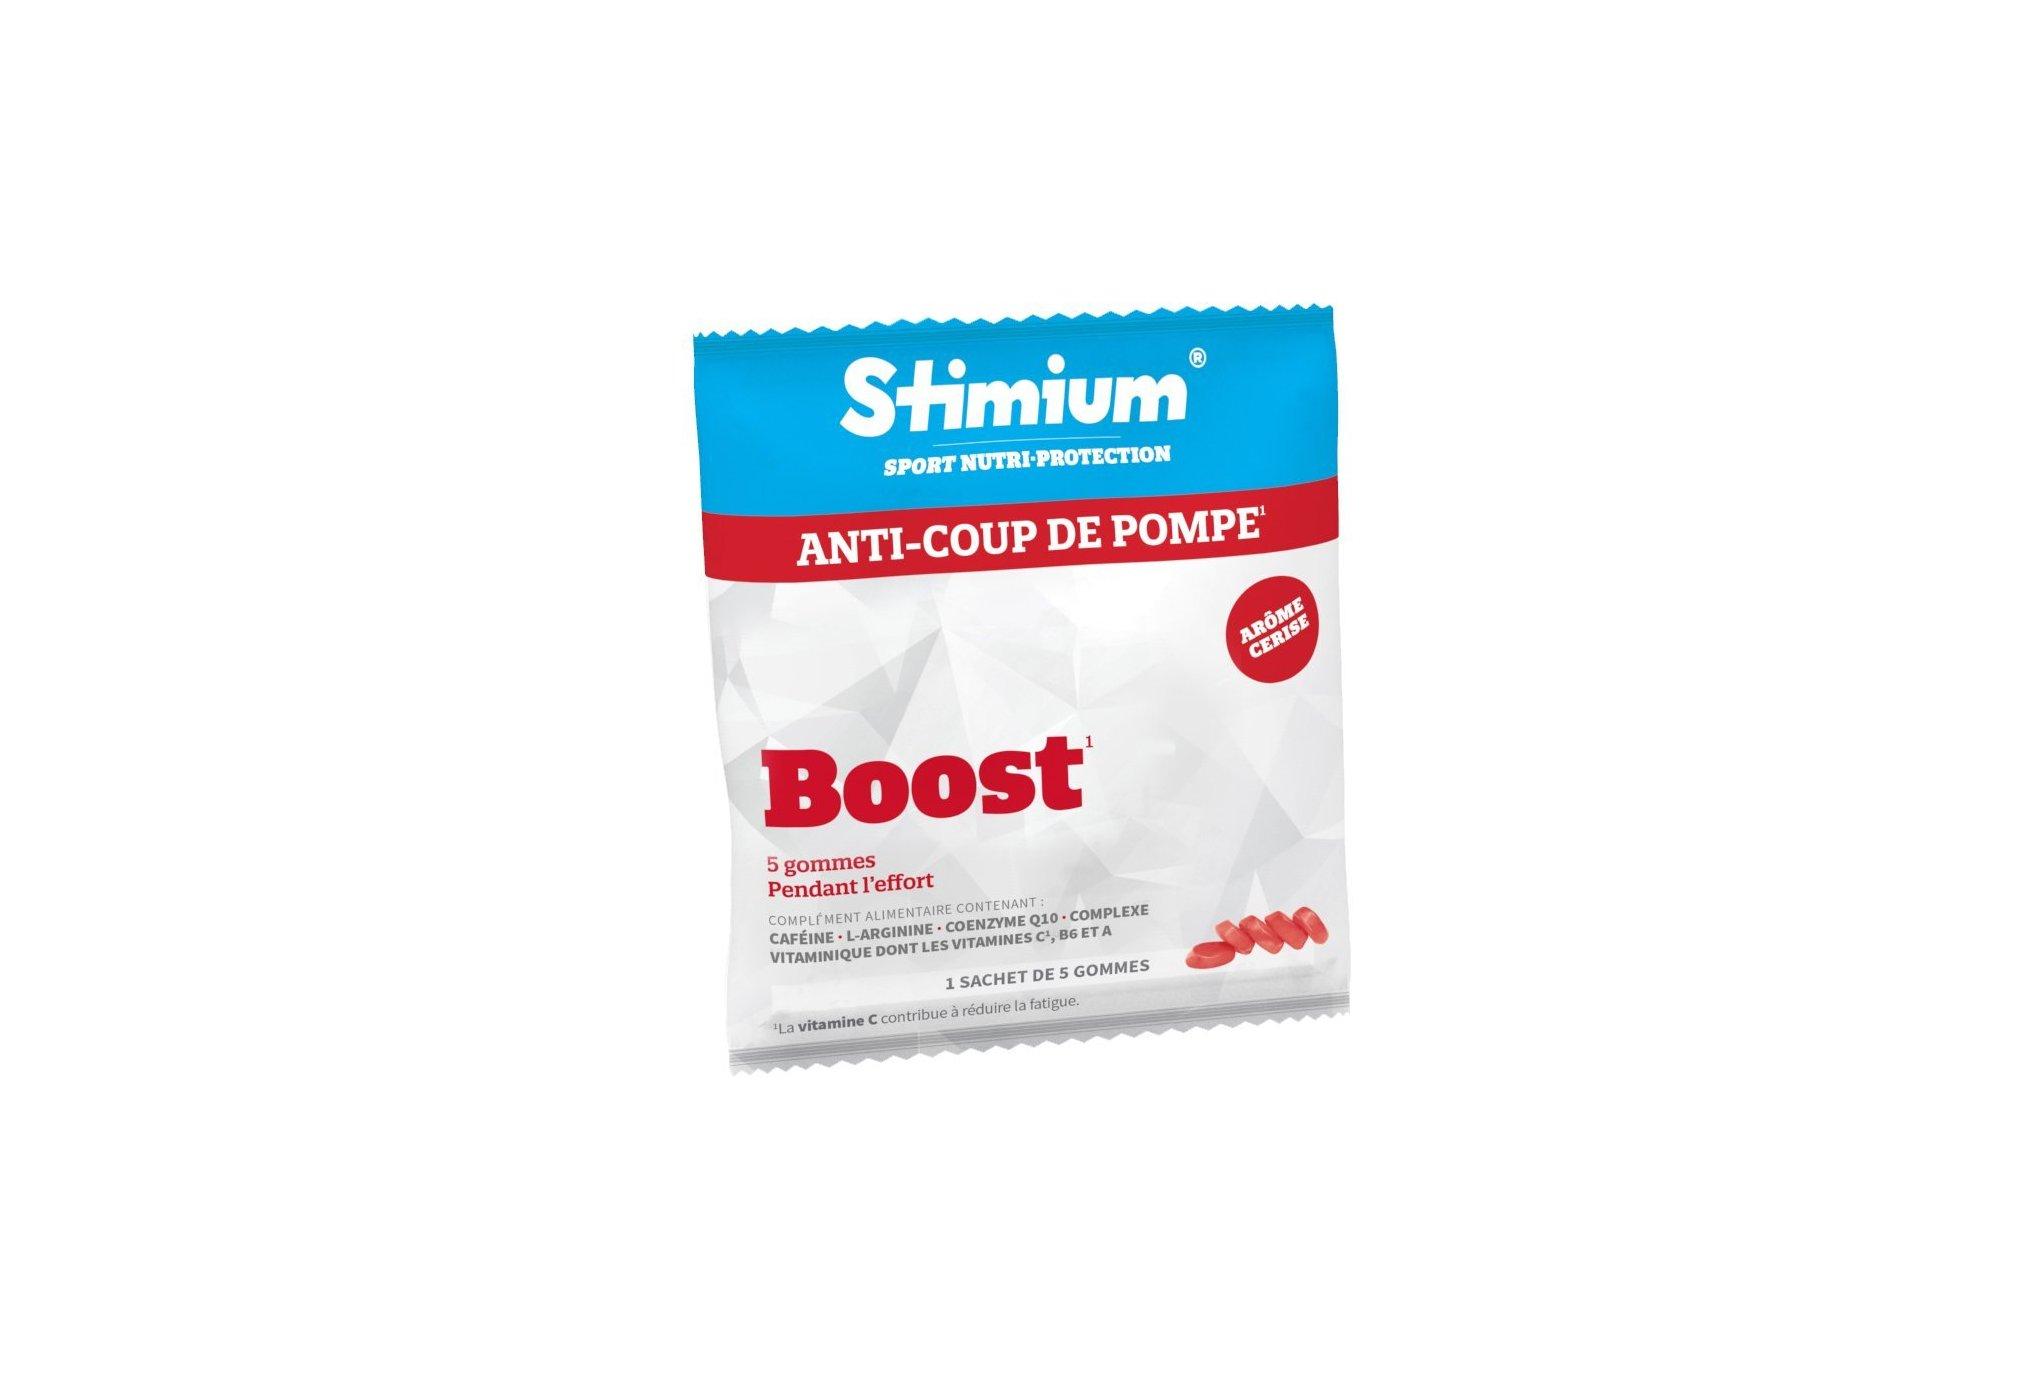 Stimium Sachet de 5 Gommes Boost - Cerise Diététique Compléments